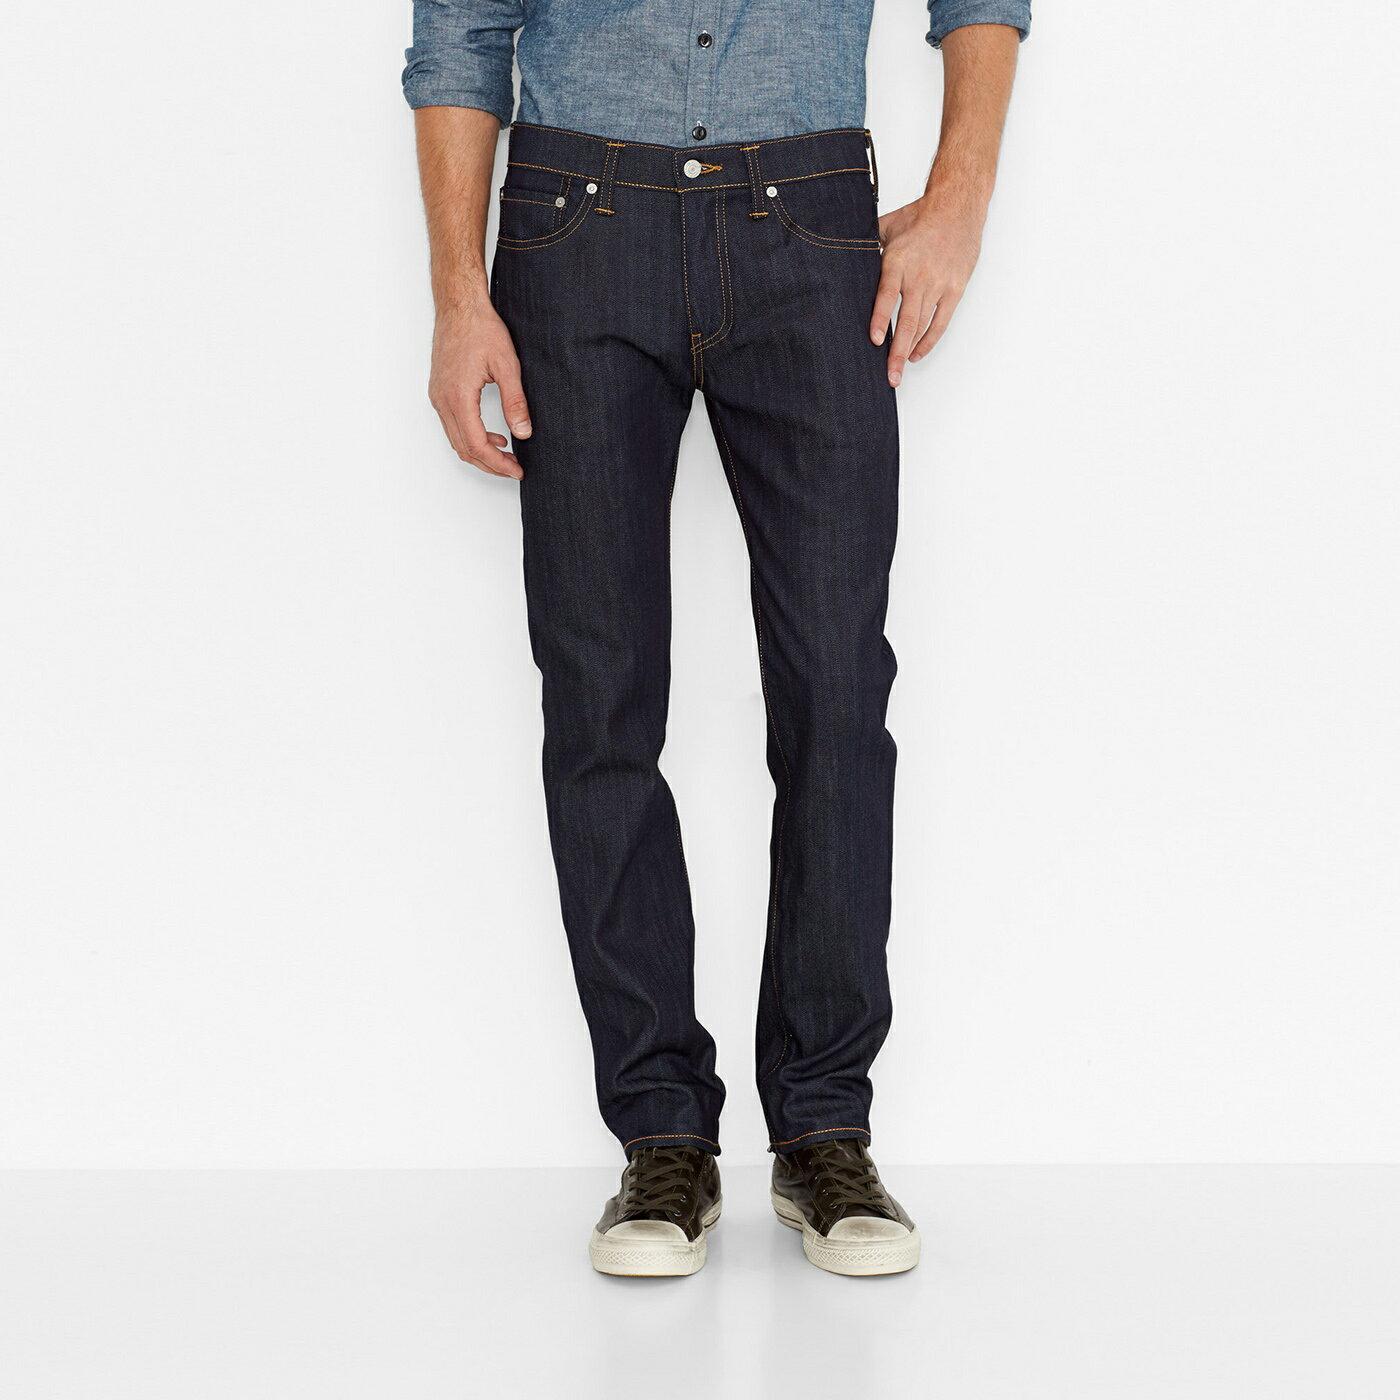 美國百分百【全新真品】Levis 511 Slim Fit 男款 牛仔褲 直筒褲 合身 28腰 原色 深藍 E264